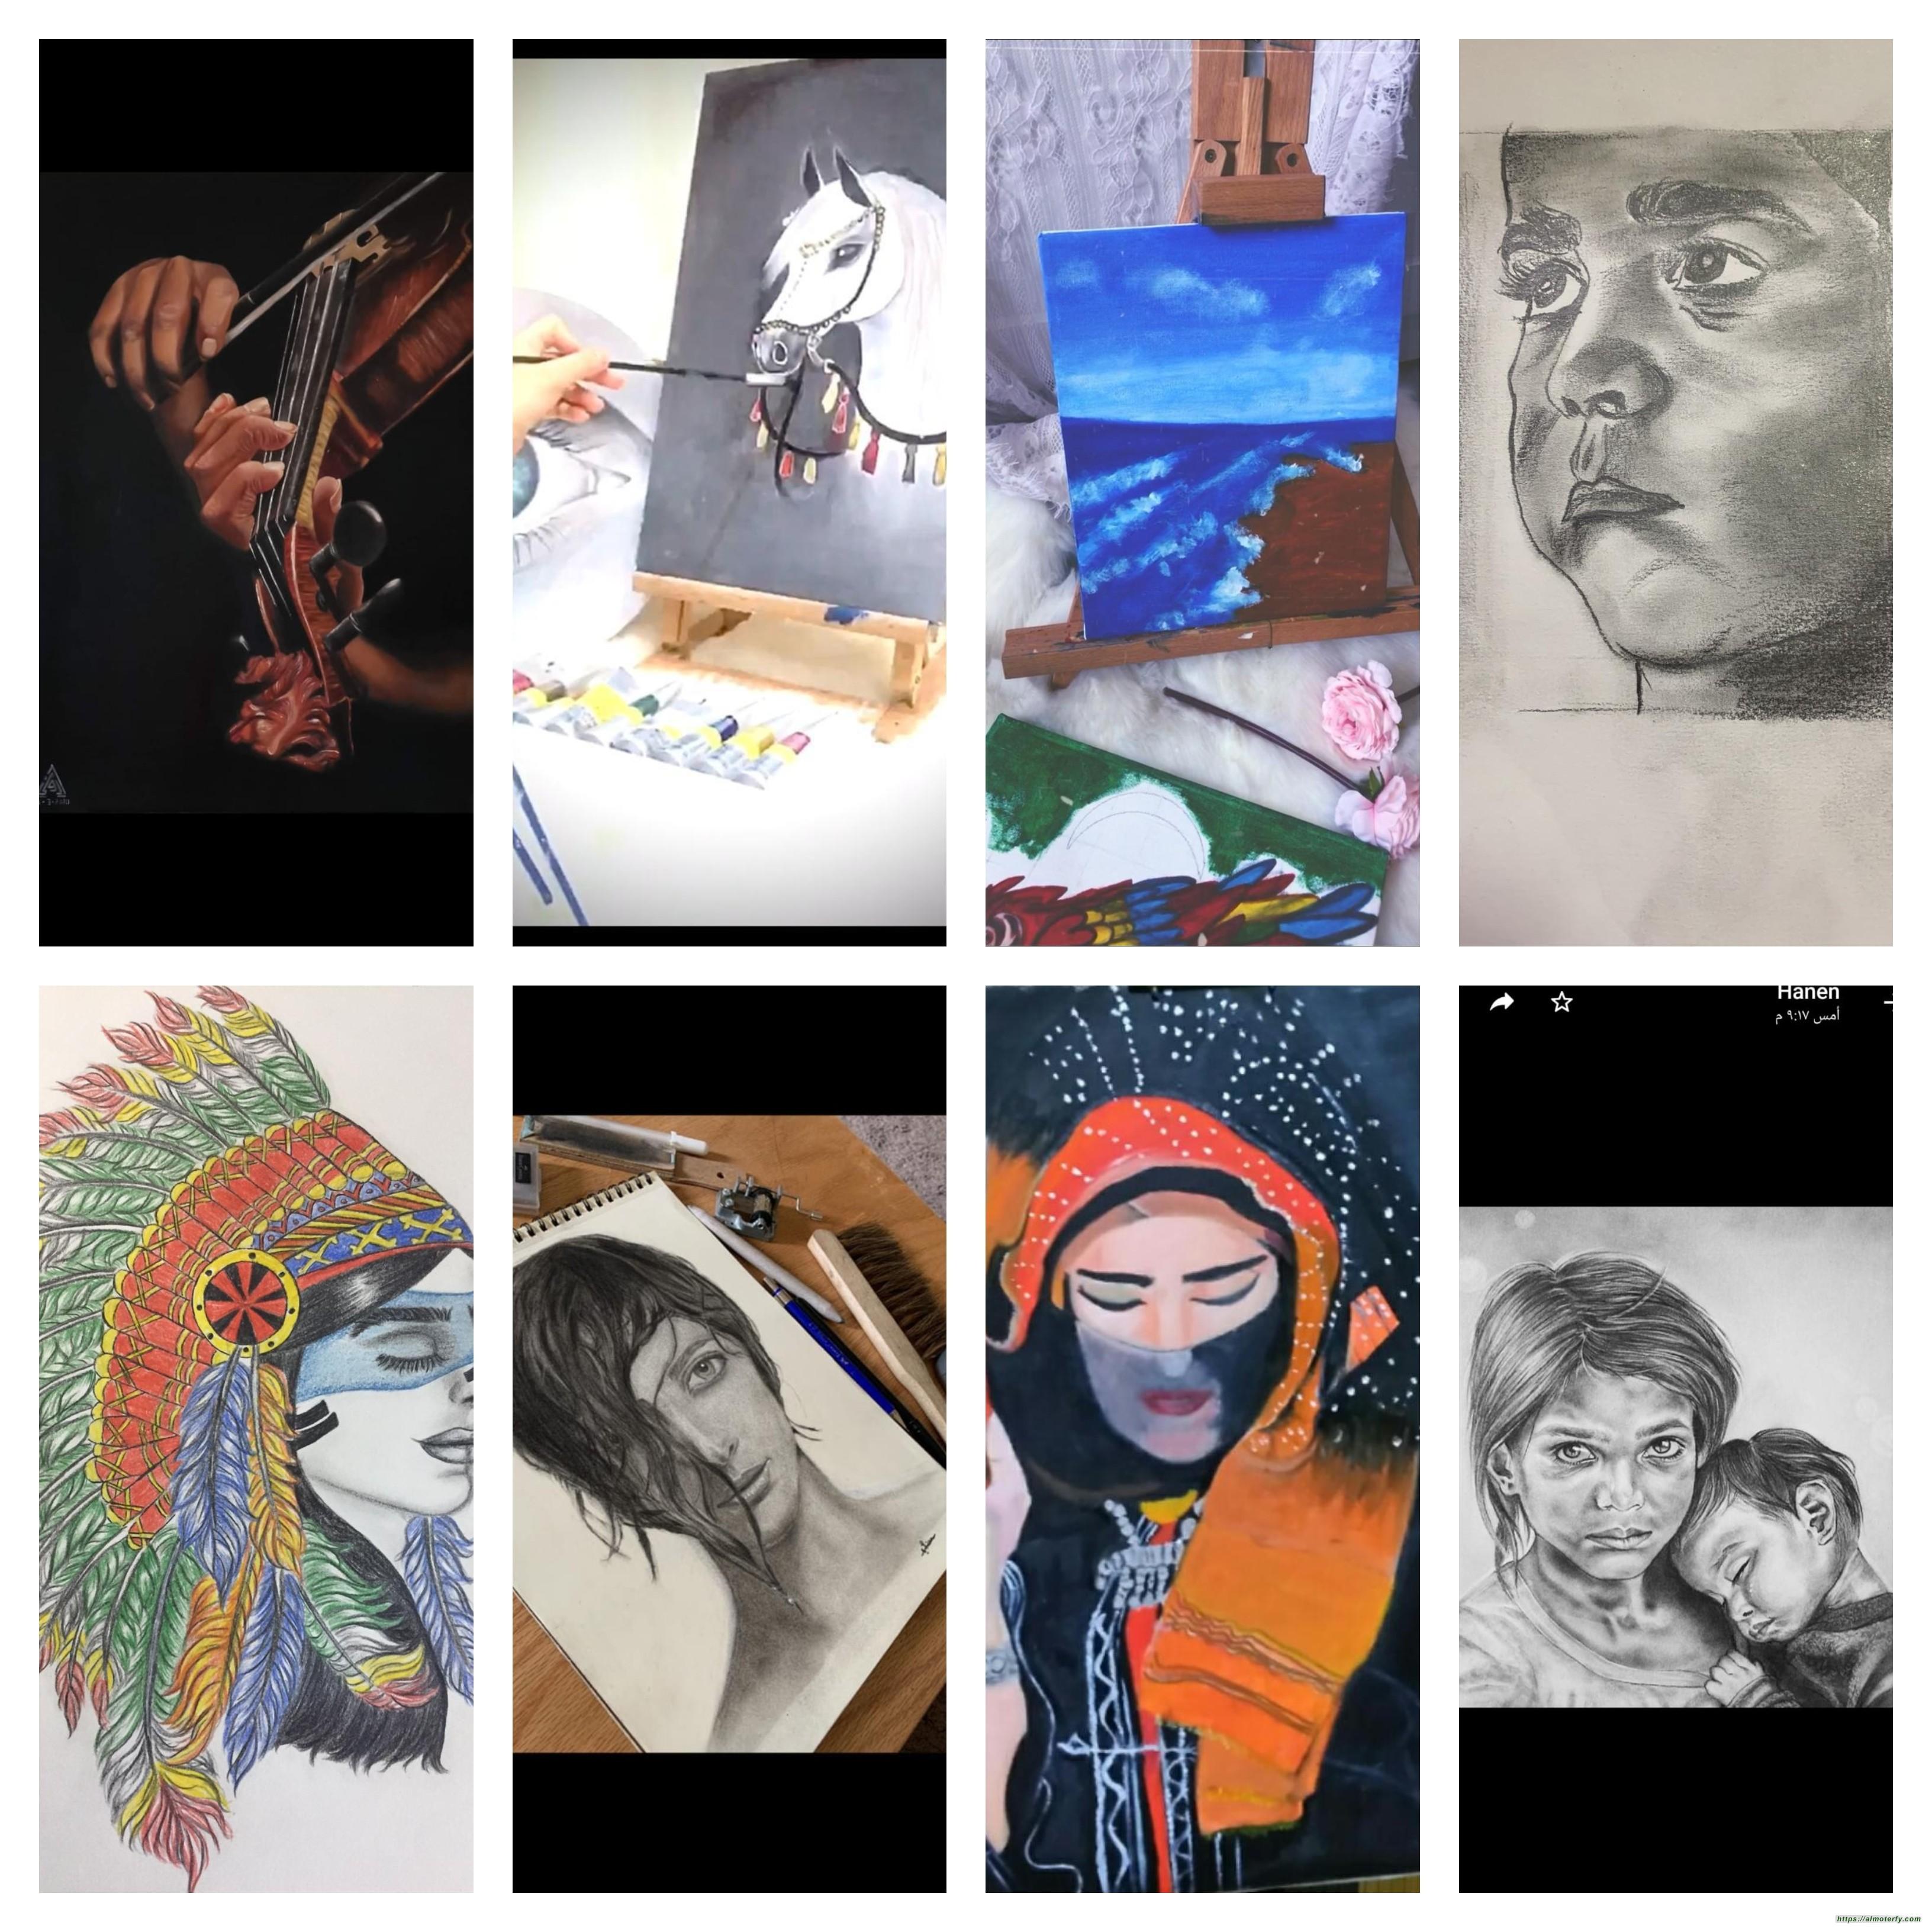 60 فنانة وفنان من فريق همسات الثقافي يعرضون اعمالهم الفنية